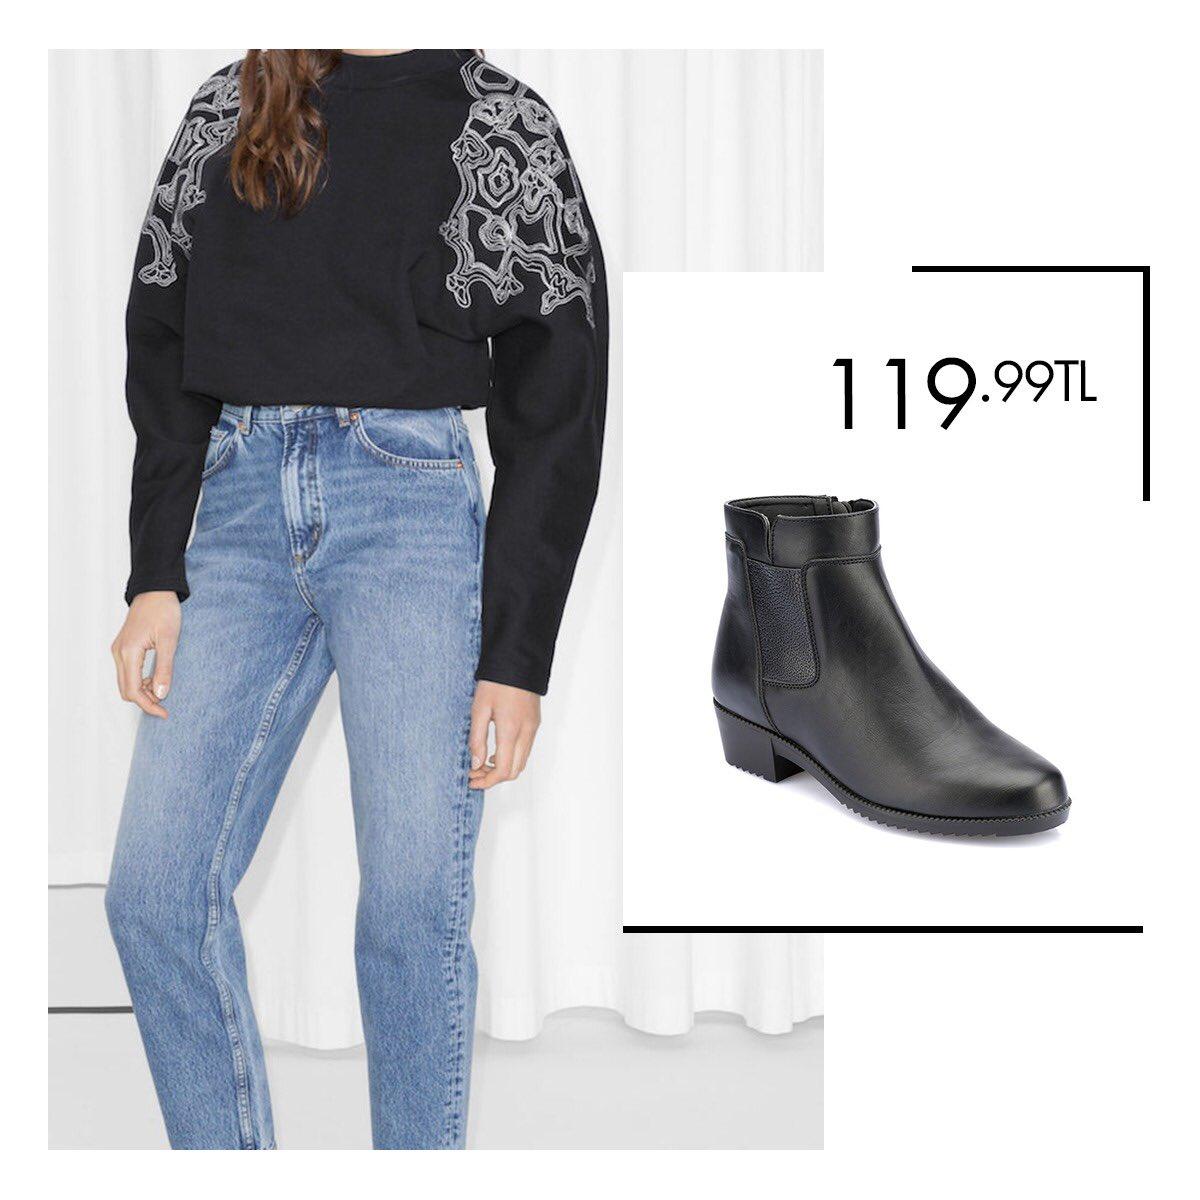 Jean pantolonlarınızla kombinleyebileceğiniz ayakkabı modelleri Polaris'te! Siyah Kadın Bot 36-40 Numara 119,99 TL 🔎 100323682 http://bit.ly/2VuNuL5